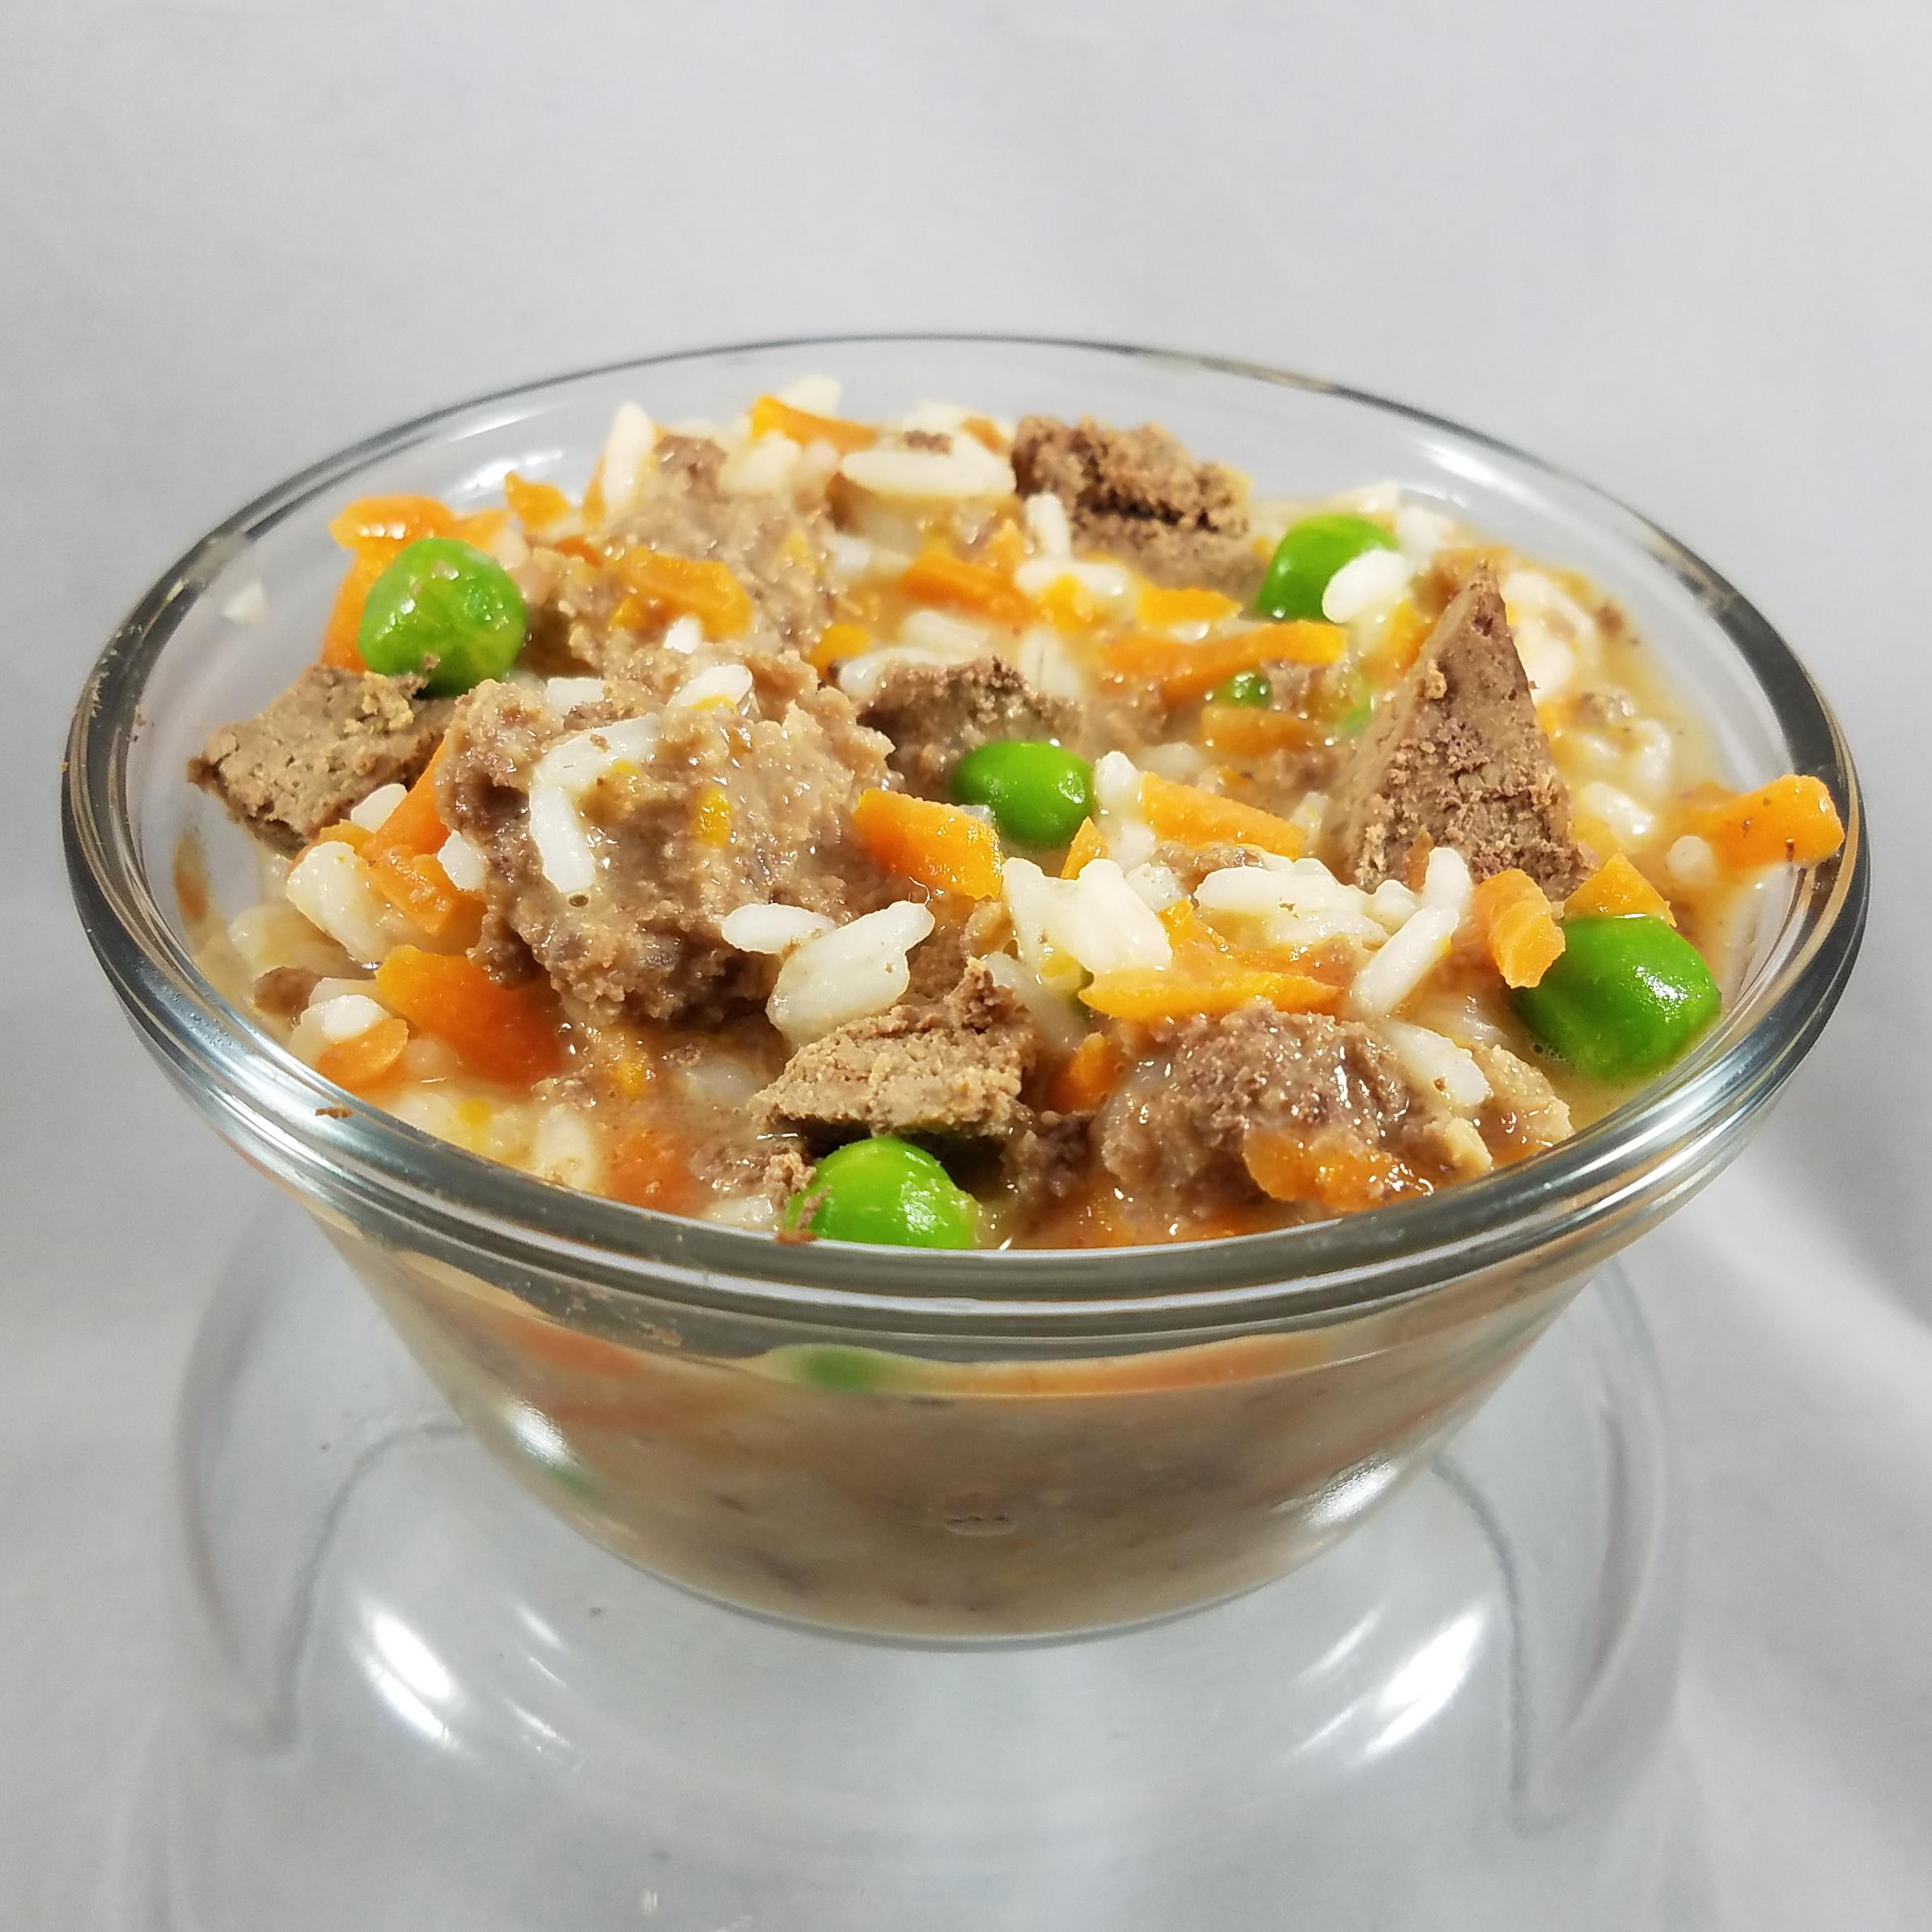 beet it dog stew